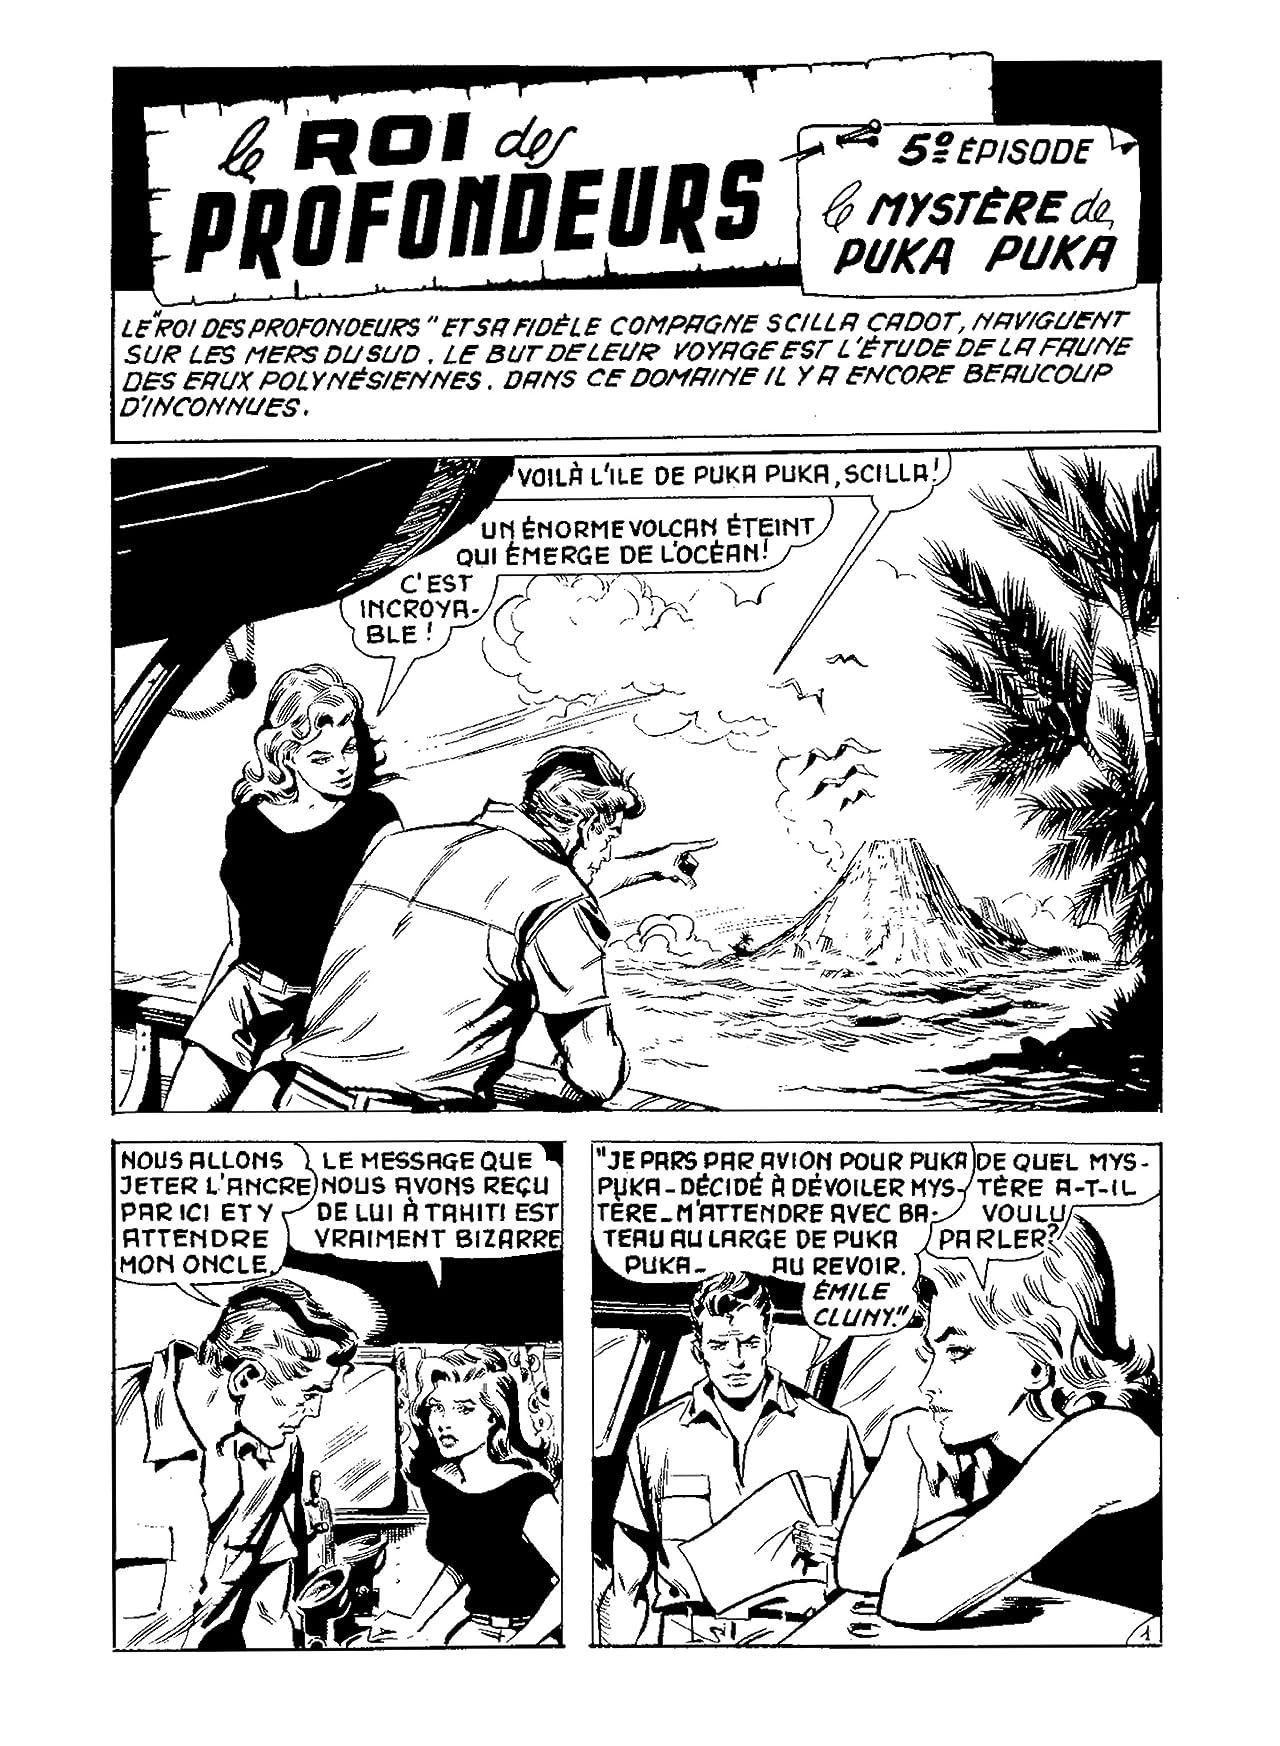 ROI DES PROFONDEURS Vol. 5: Le Mystère de Puka-Puka